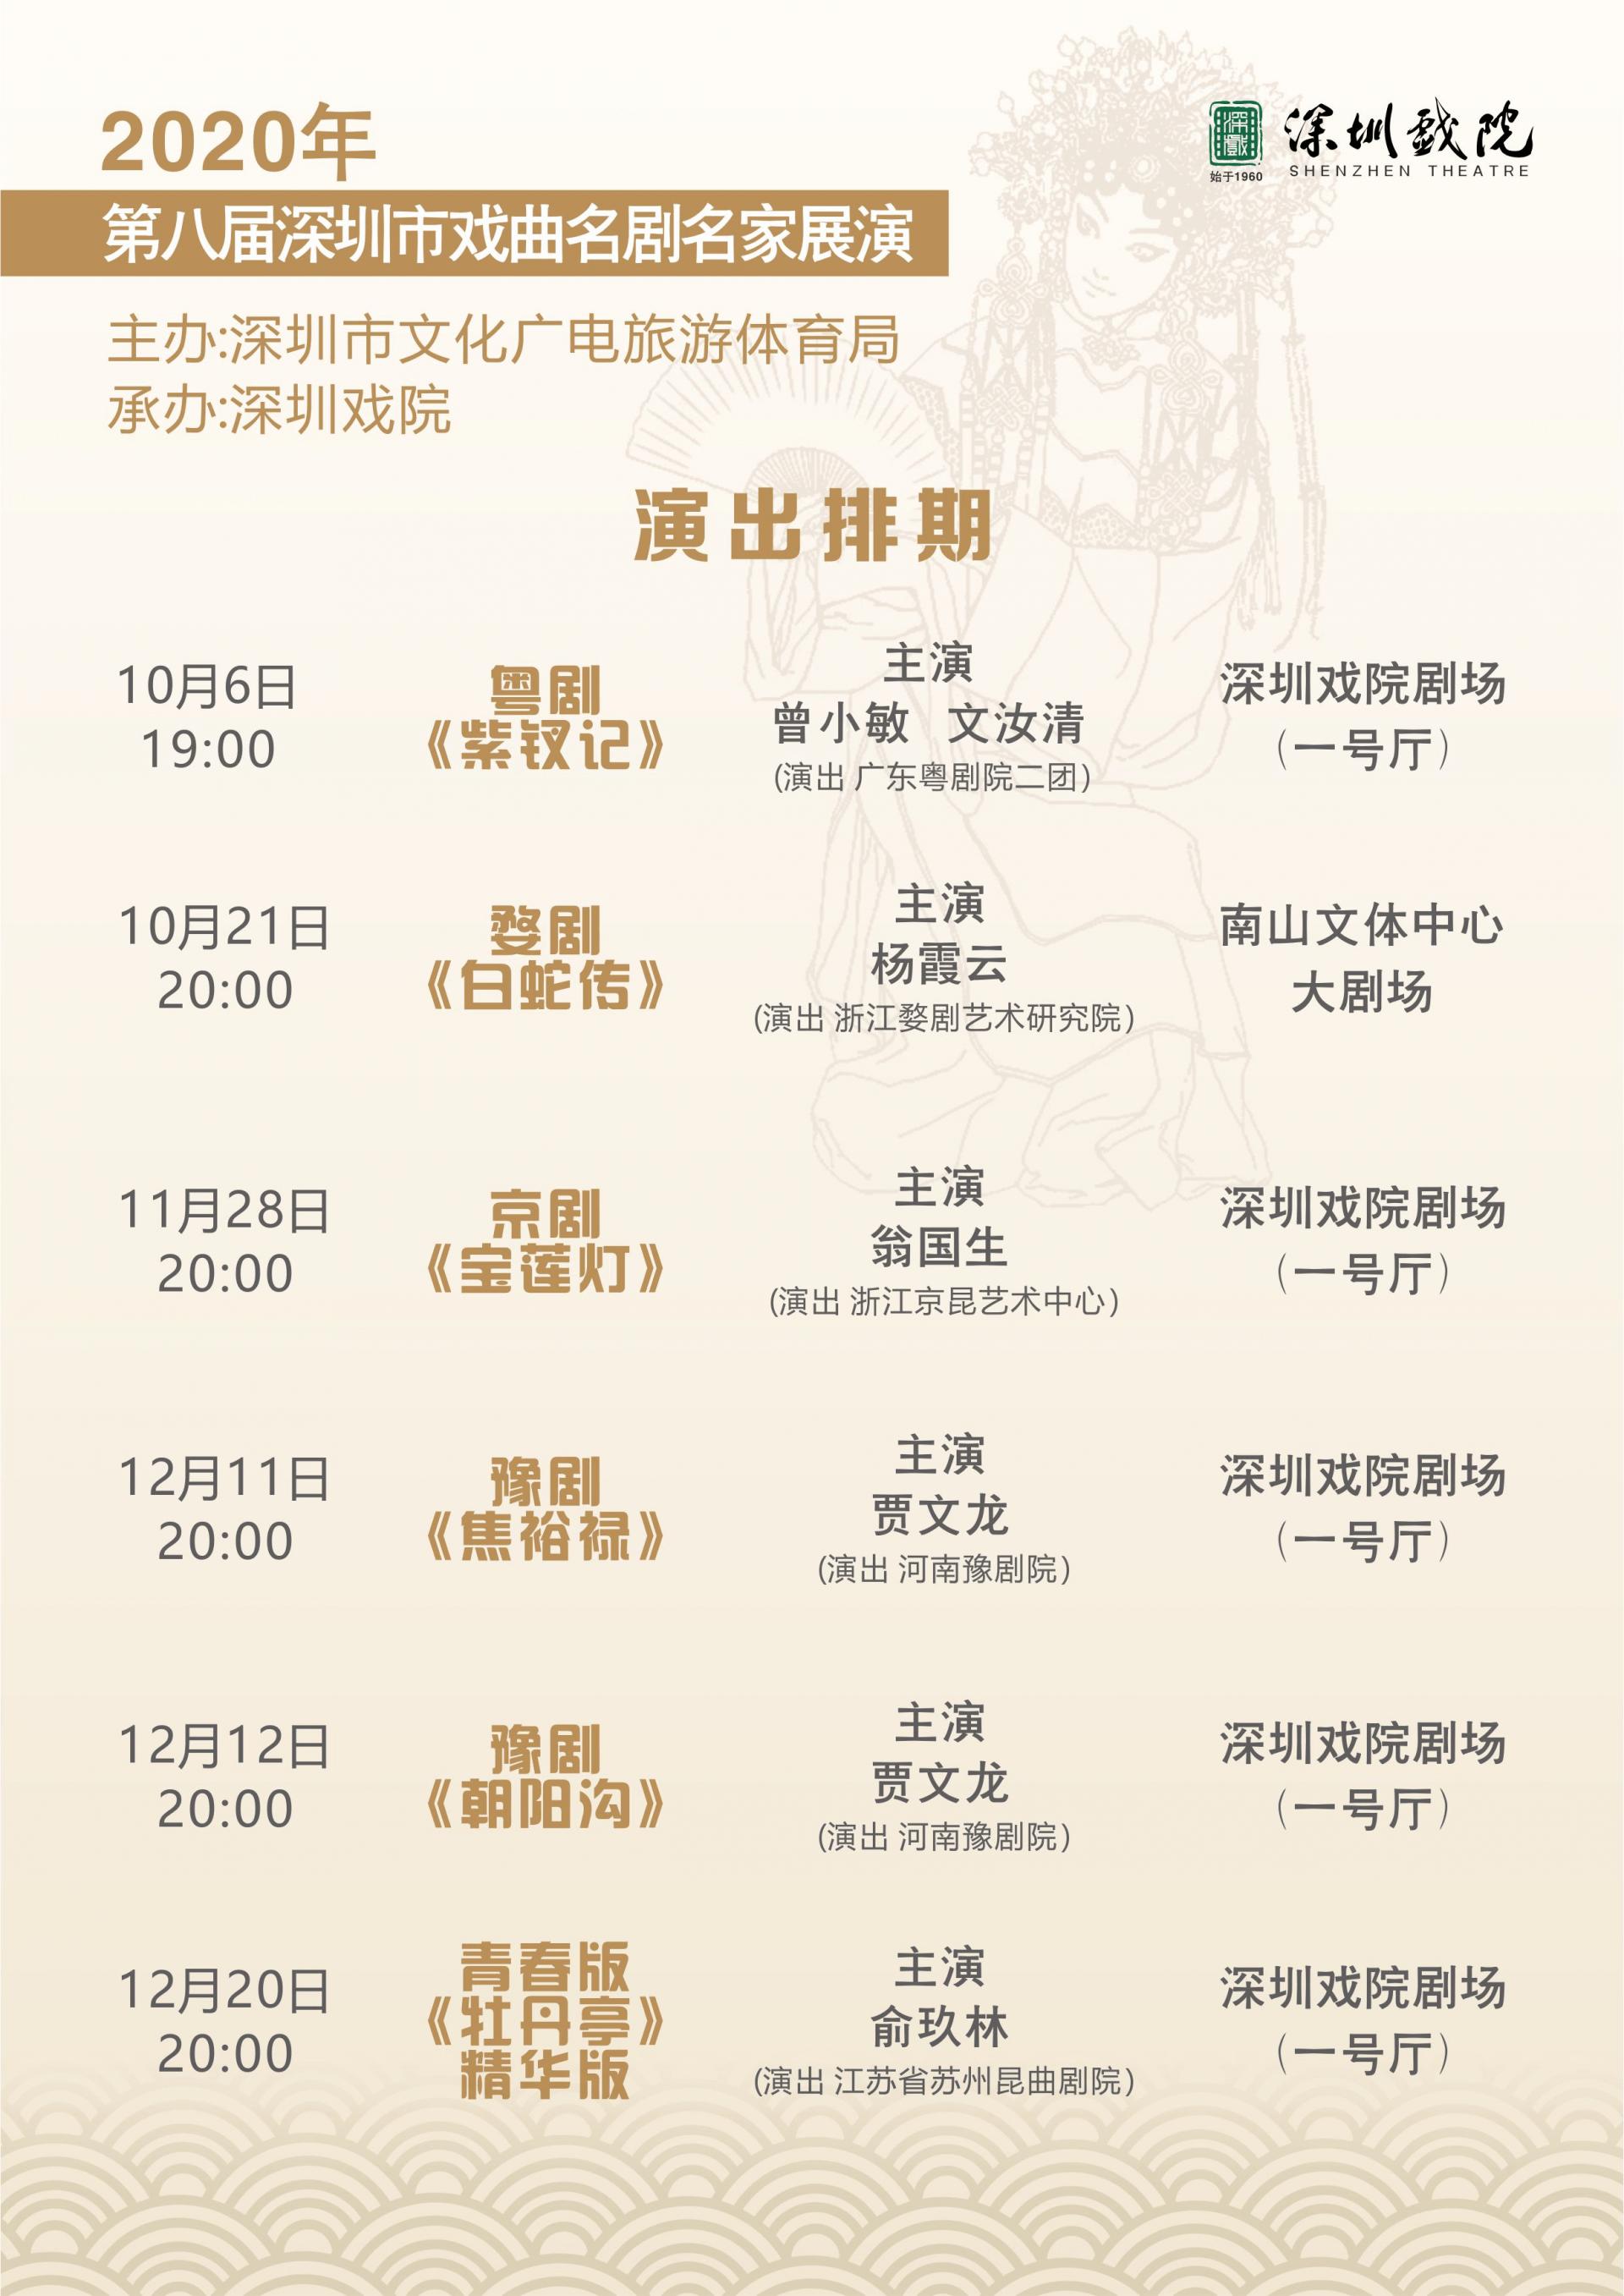 """""""2020年第八届深圳市戏曲名剧名家展演""""开启啦,一起去深圳戏院看戏吧!"""